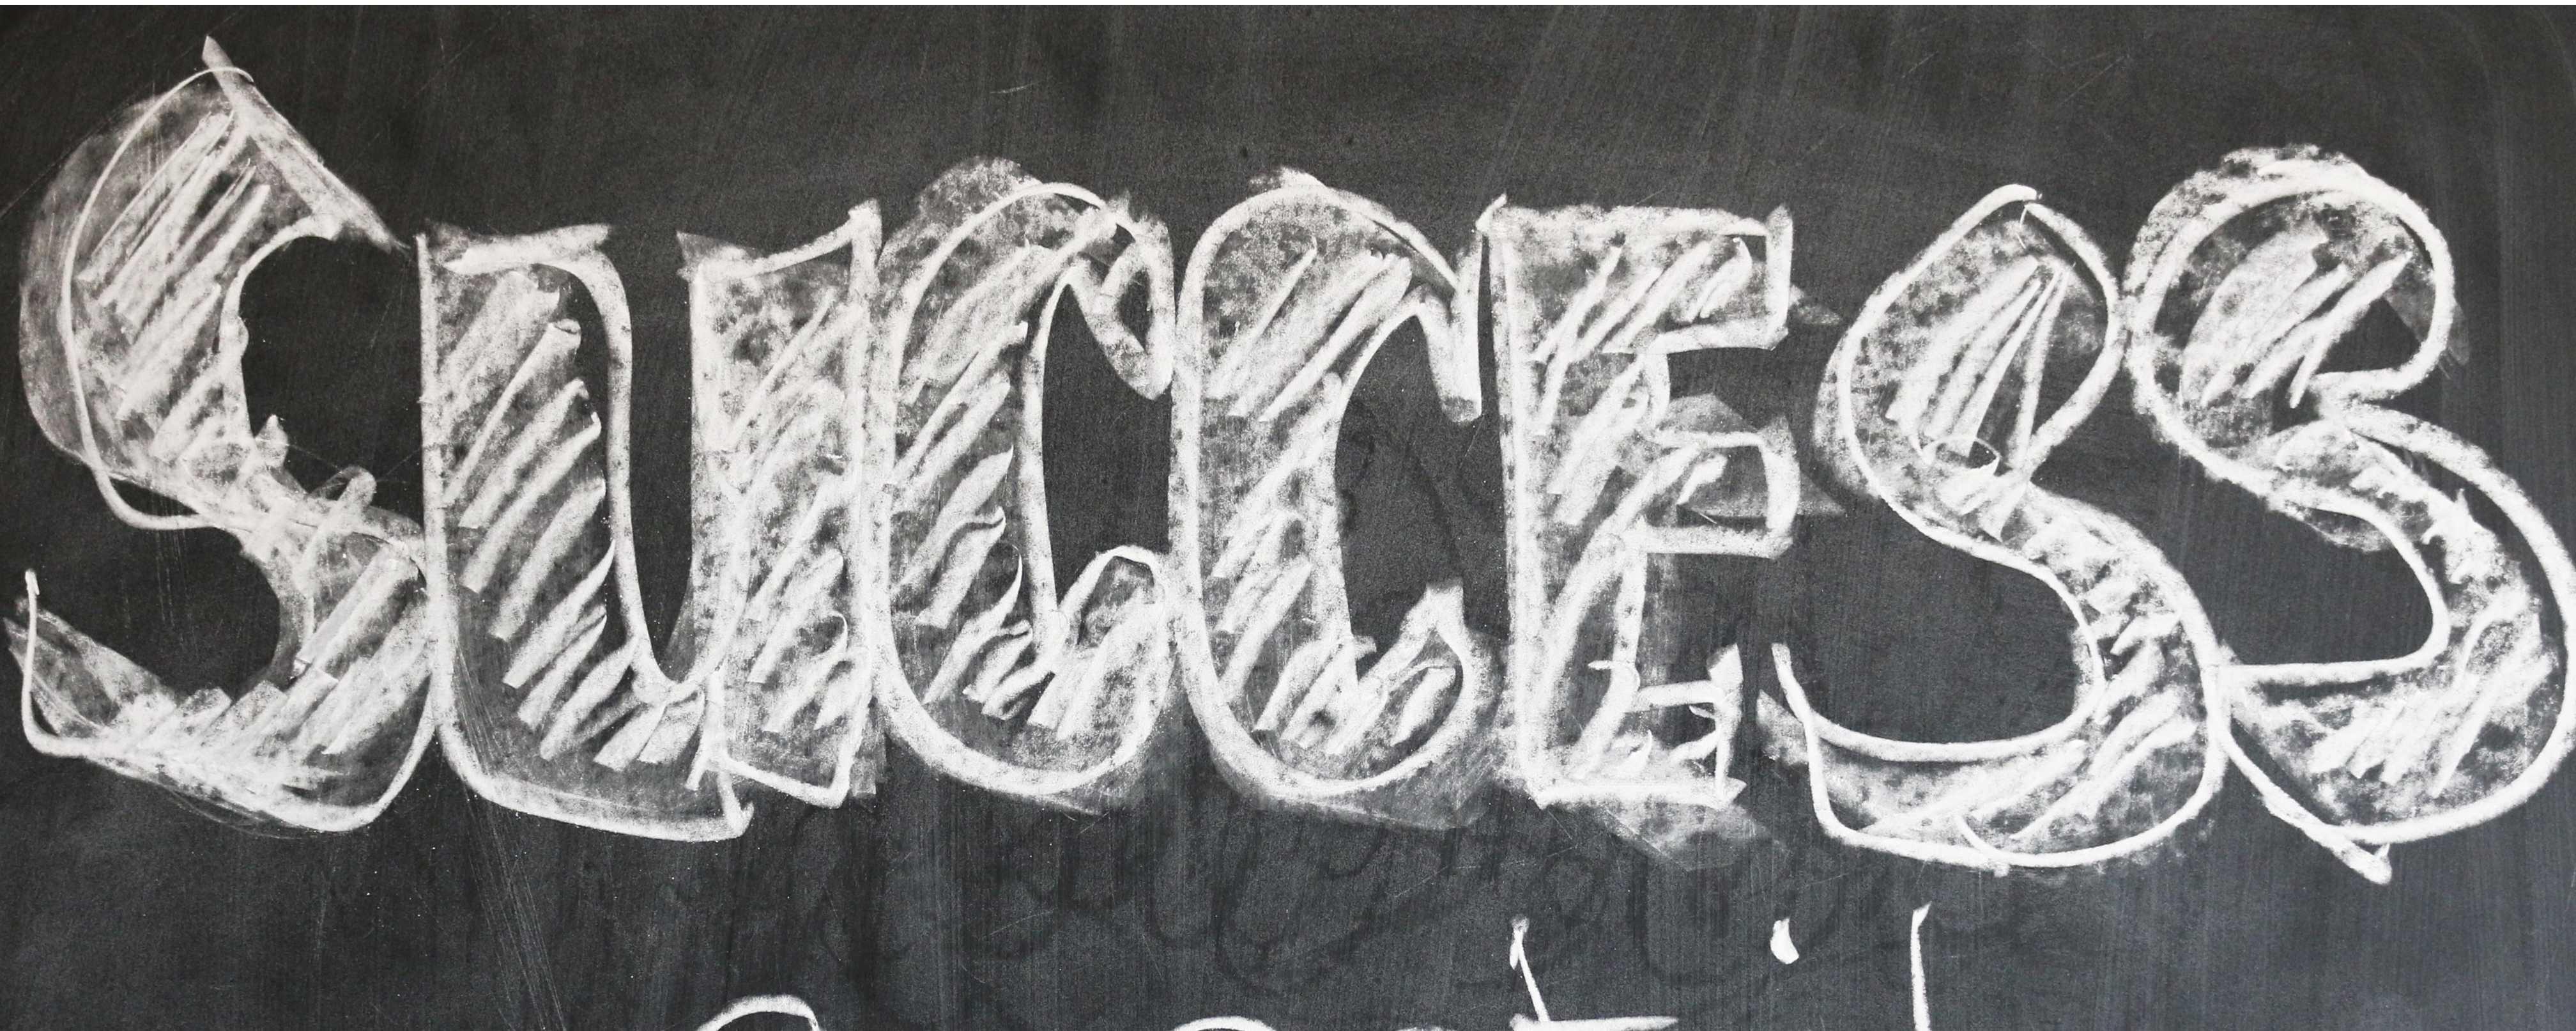 Homeschool Chalkboard Success